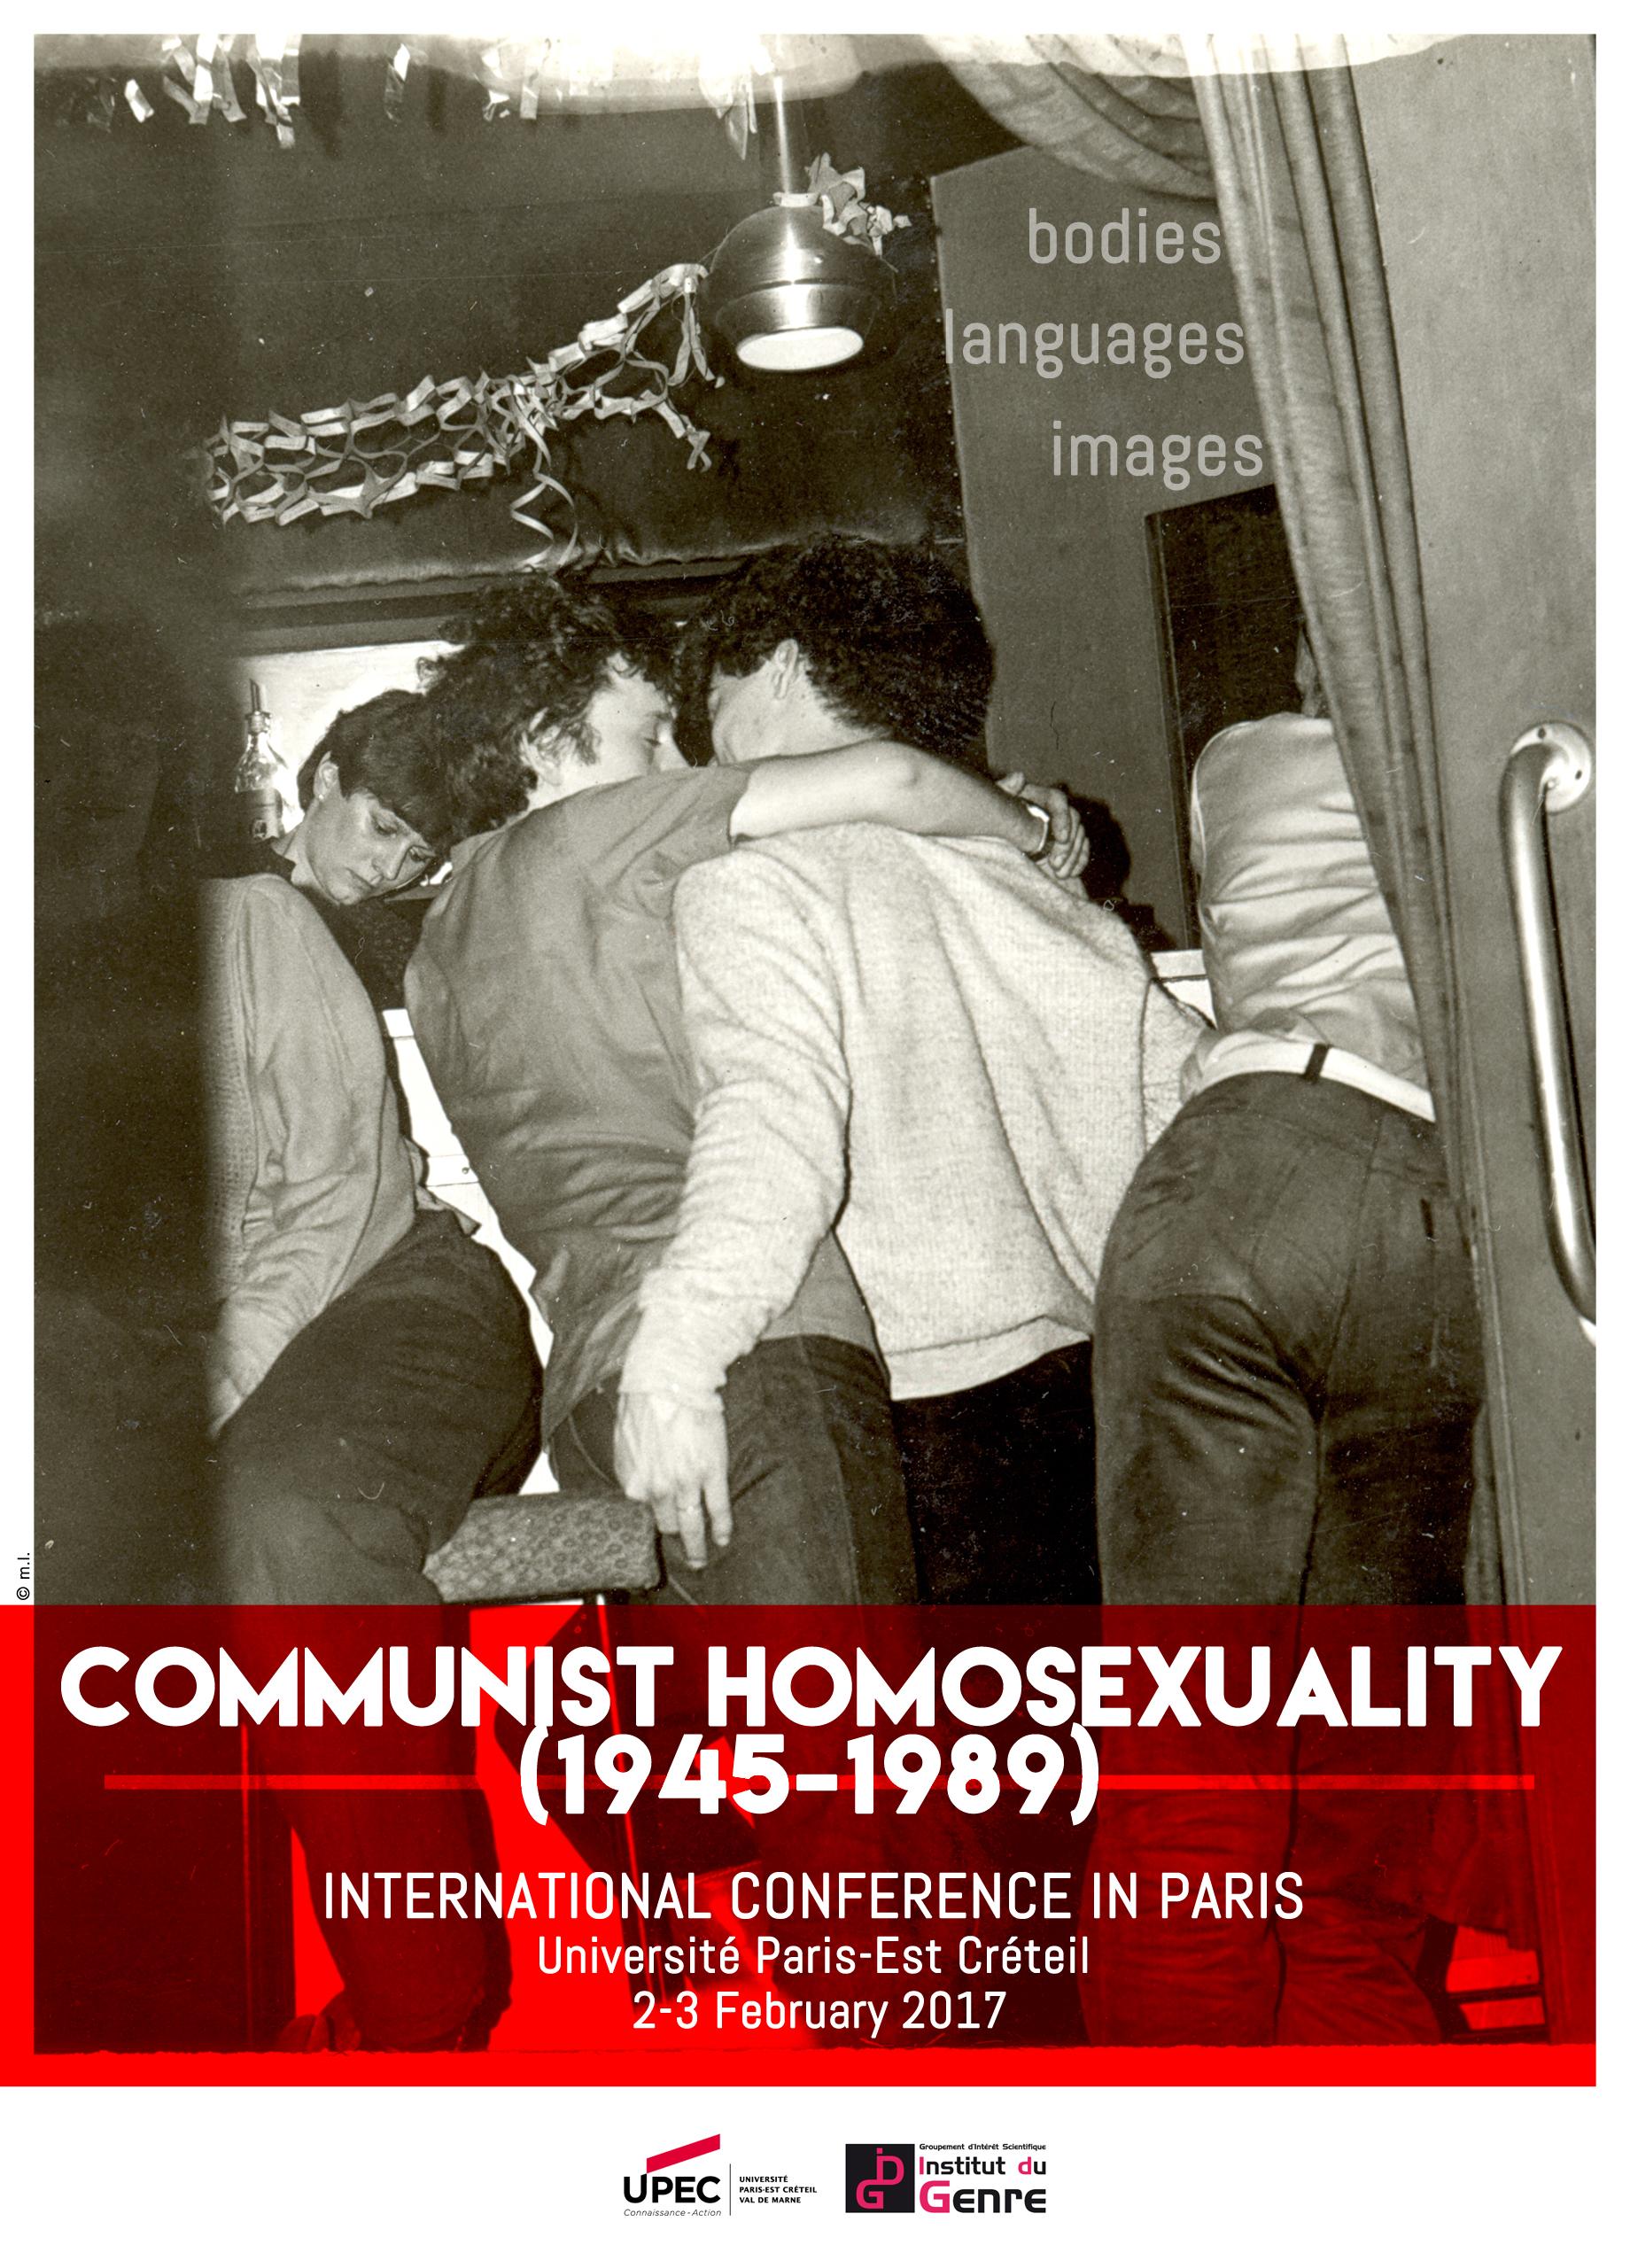 Homosexualité communiste 1945-1989 (Créteil)